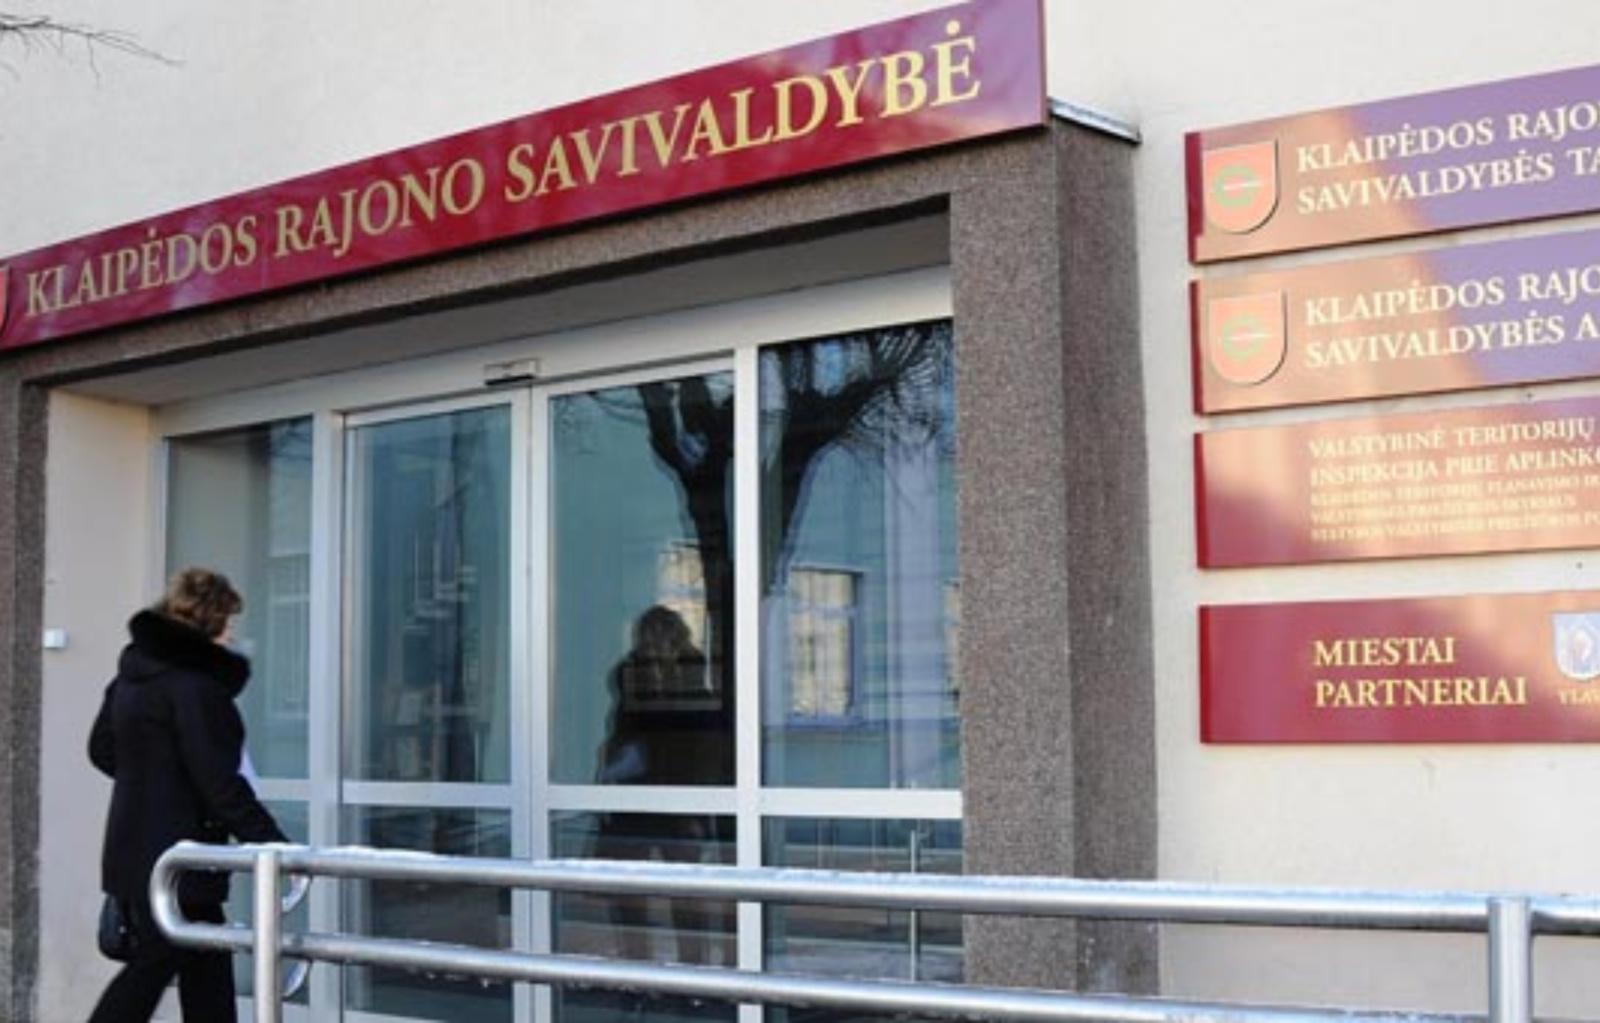 Klaipėdos rajono savivaldybės administracijos tarnautojas G. Kasperavičius įstatymo nepažeidė